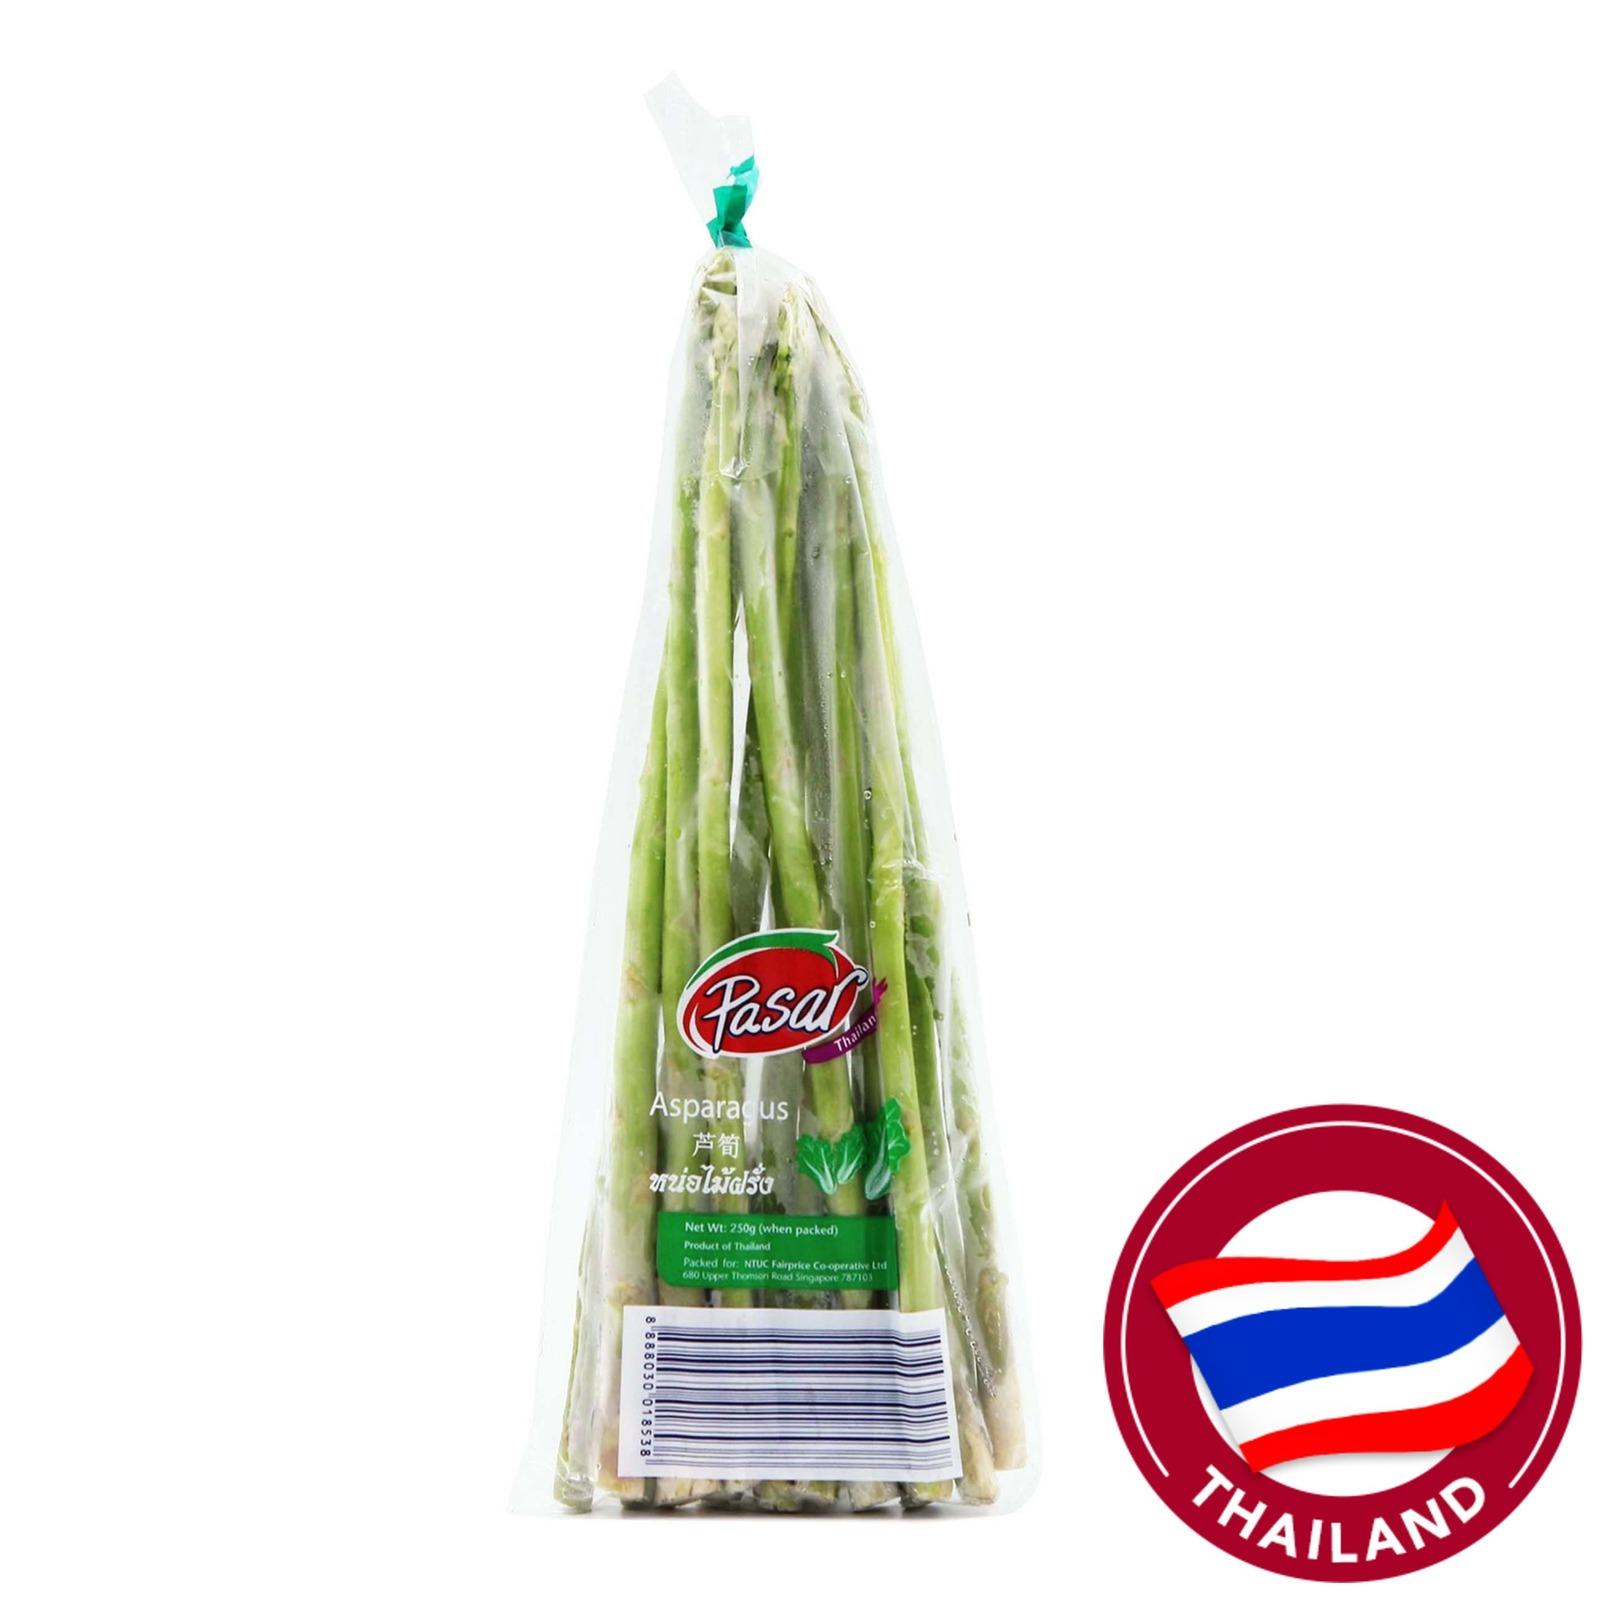 Pasar Thailand Asparagus - Thick